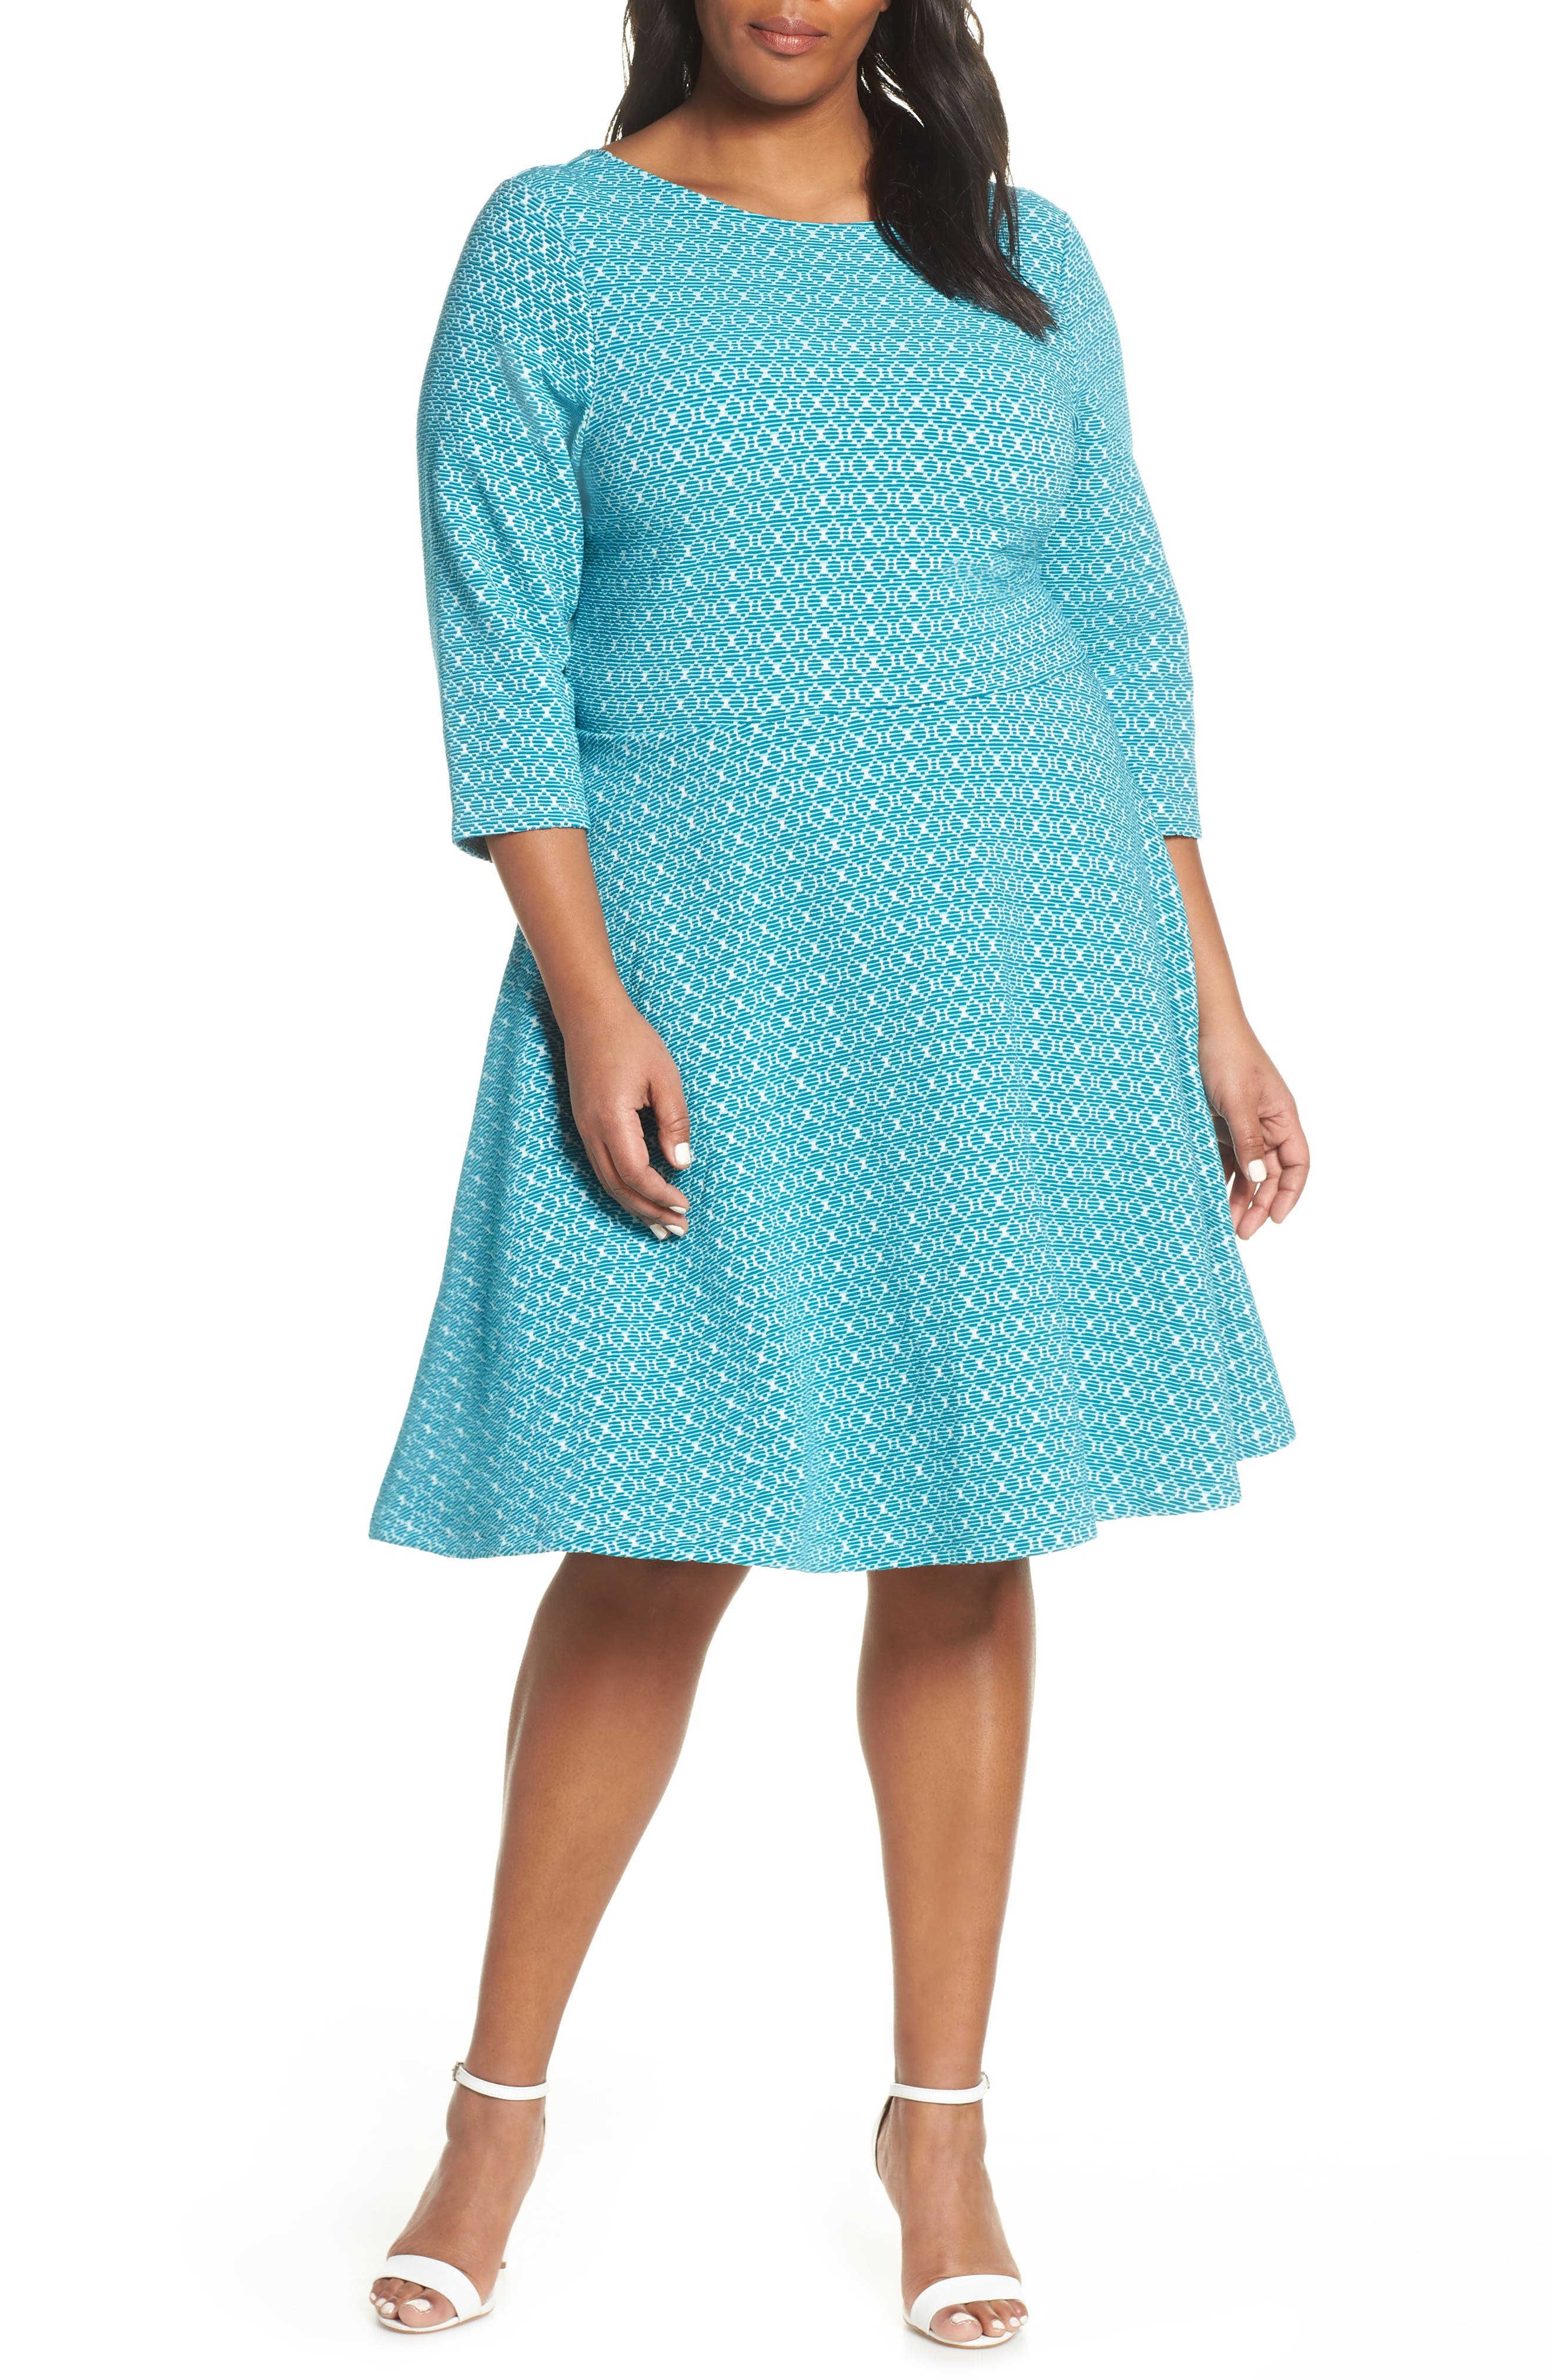 Plus Size Vintage Dresses, Plus Size Retro Dresses Plus Size Womens Leota Circle Knit Fit  Flare Dress Size 1X - Blue $188.00 AT vintagedancer.com